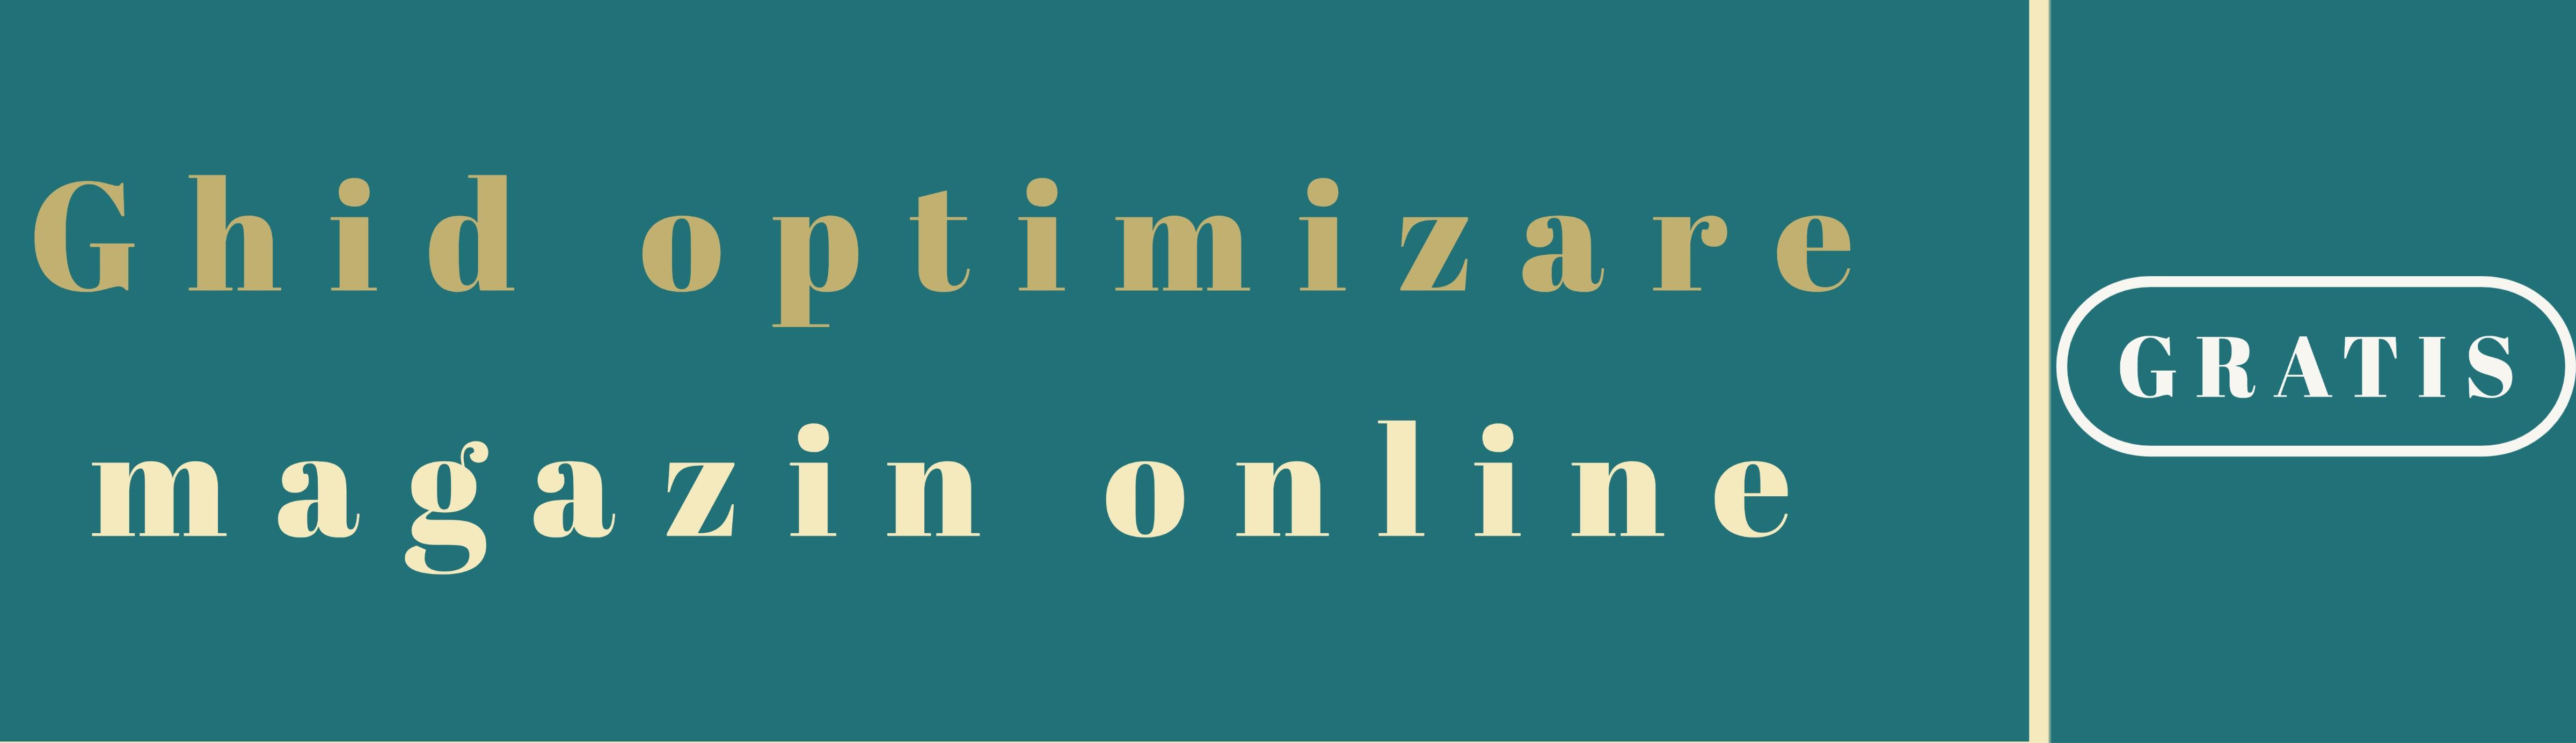 afaceri pe internet fără investiții de la zero)